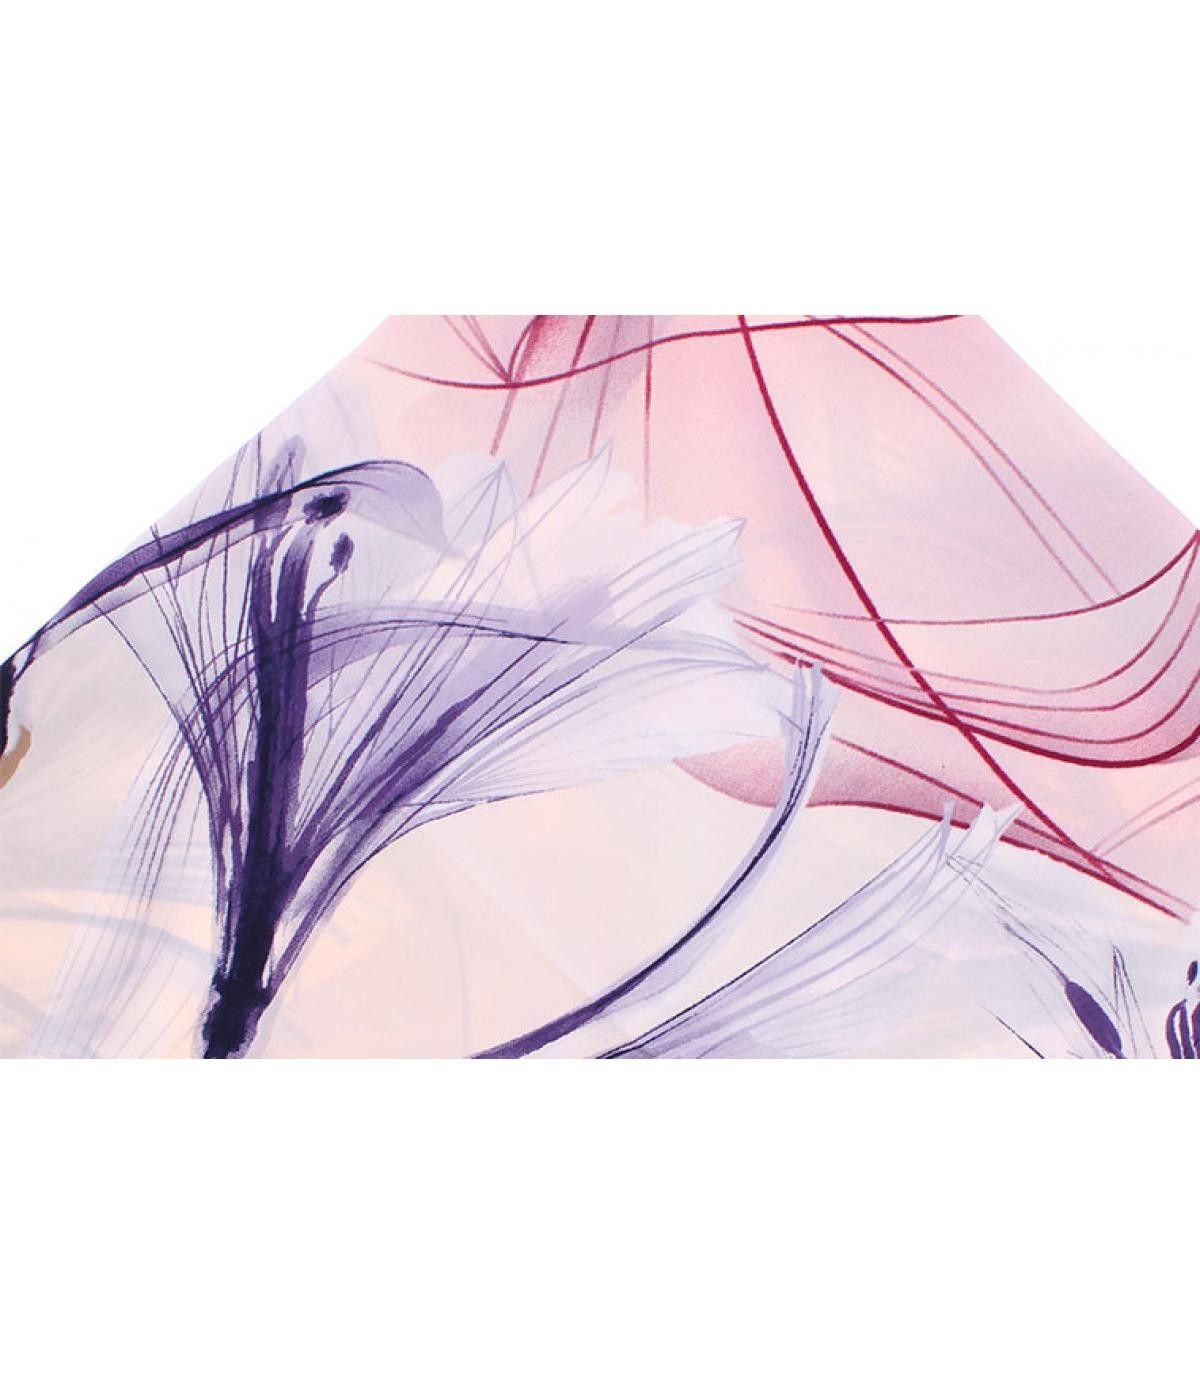 Détails Aquarelle rose - image 2